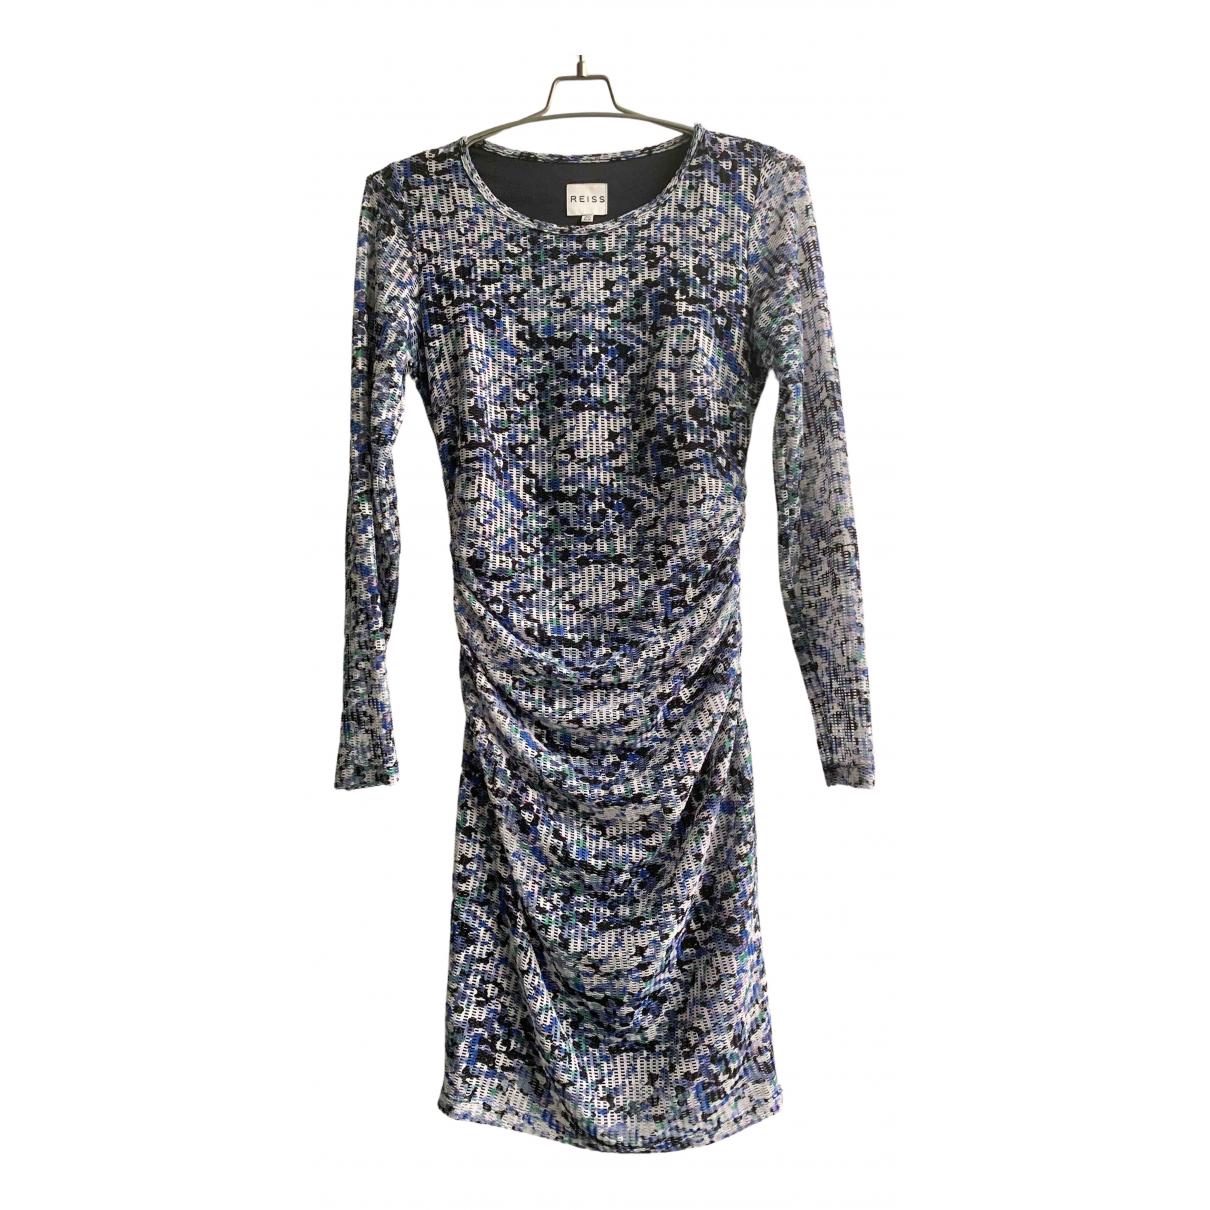 Reiss - Robe   pour femme - multicolore